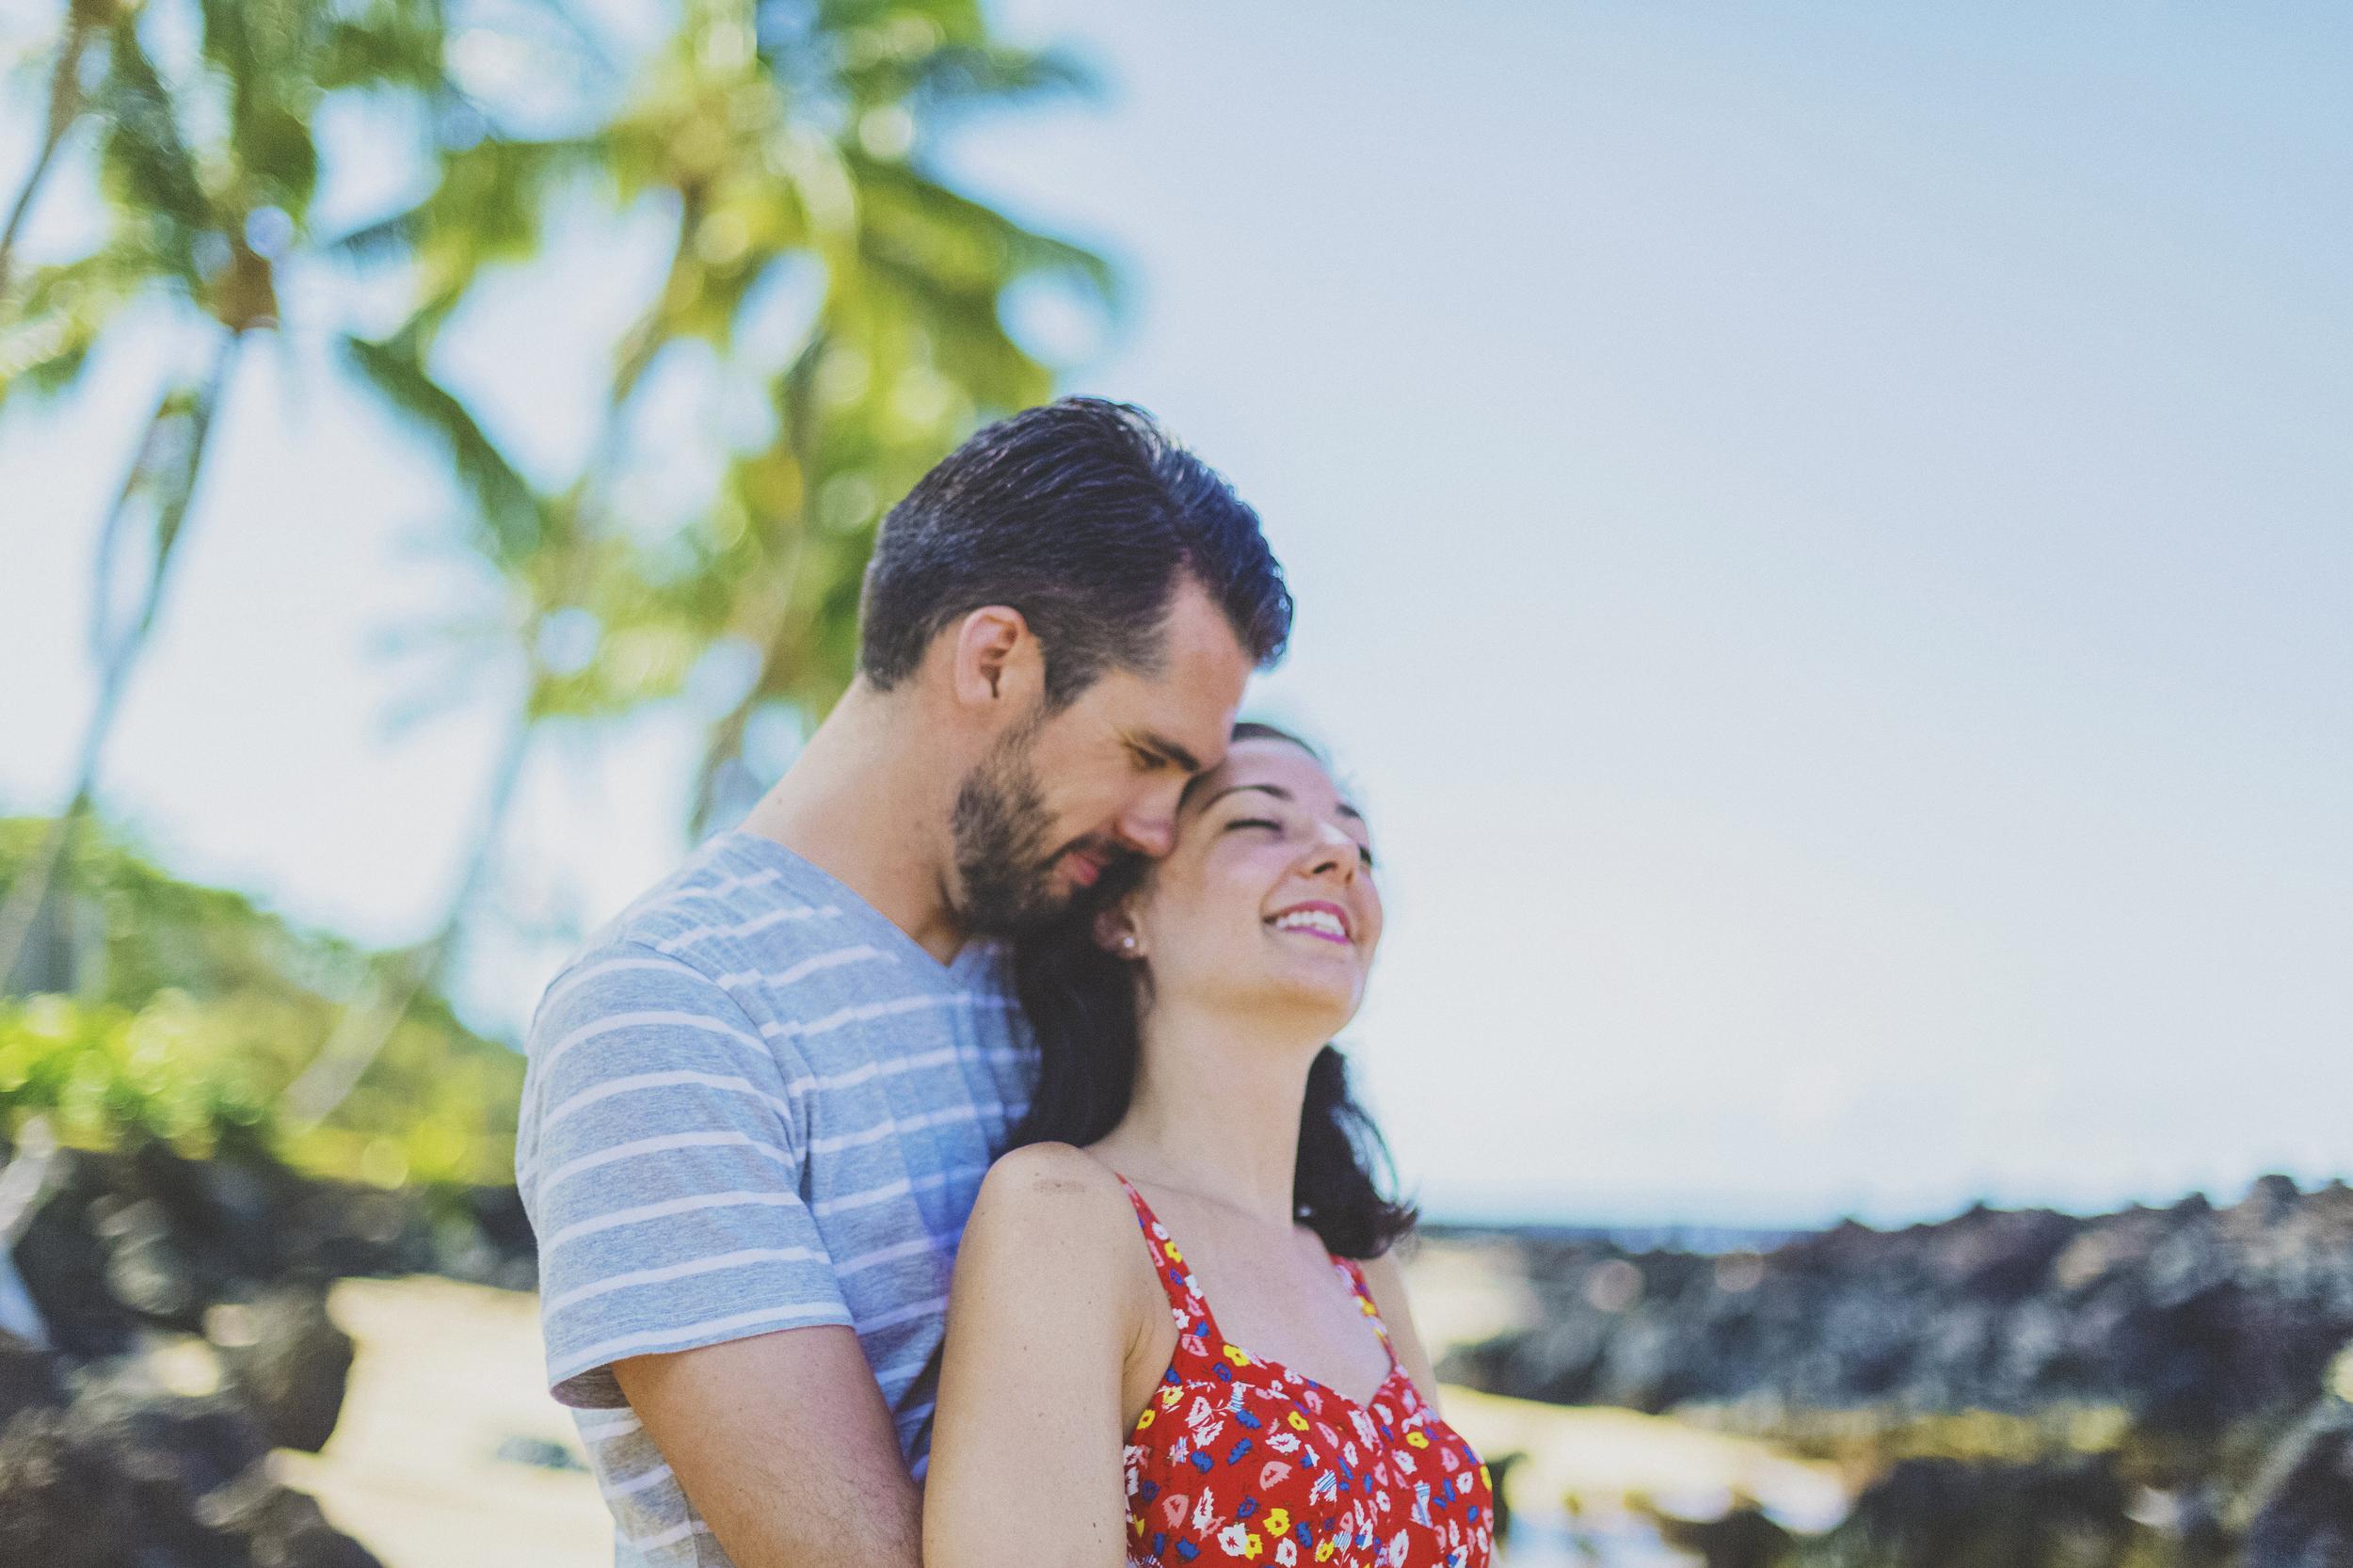 angie-diaz-photography-maui-beach-honeymoon-photographer-5.jpg